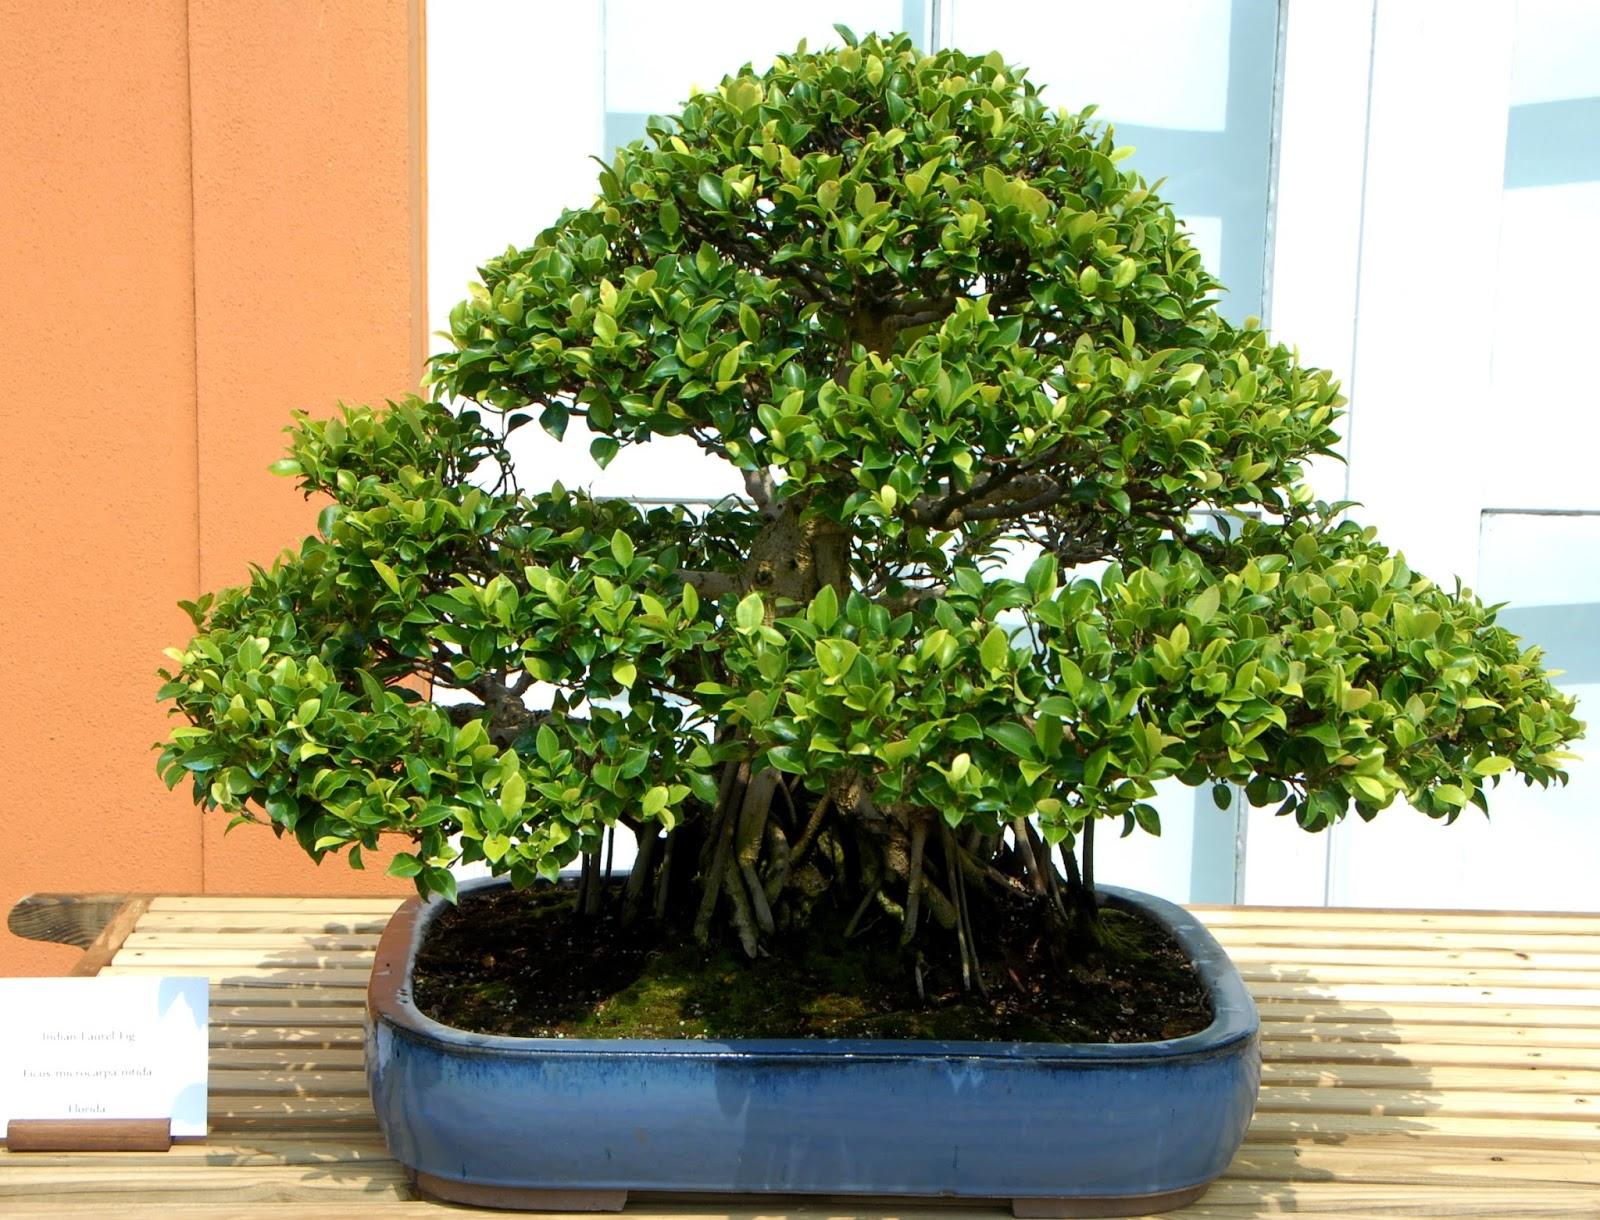 Muốn không gian sống luôn xanh mát, đừng bỏ qua những loài cây trồng này giúp hạ nhiệt cho ngôi nhà trong những ngày hè oi nóng - Ảnh 3.